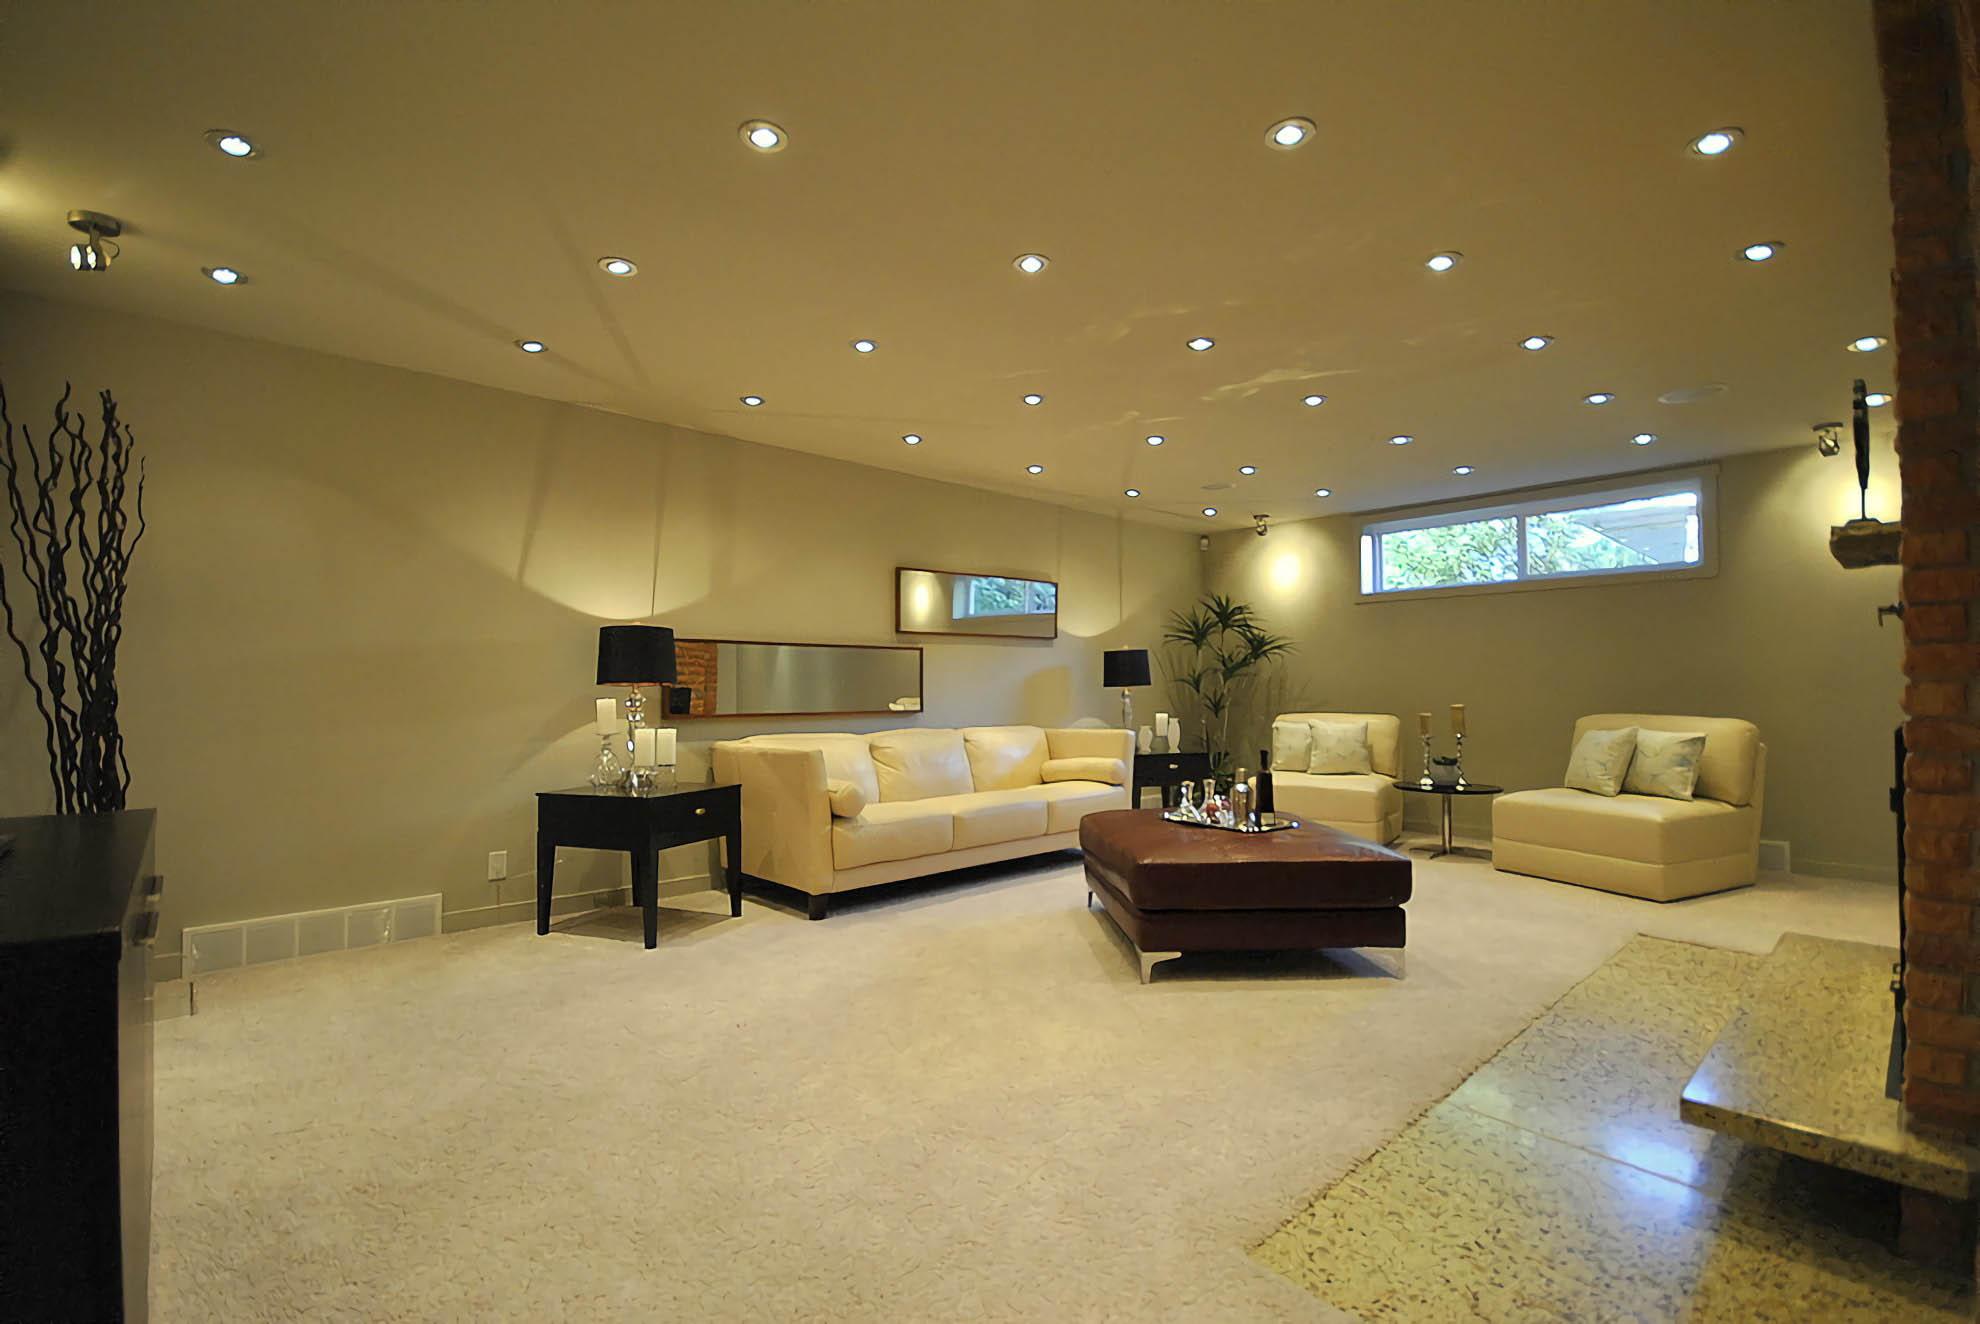 1510841757 residential recessed lighting and recessed lightning electrician - Популярные схемы расположения светильников